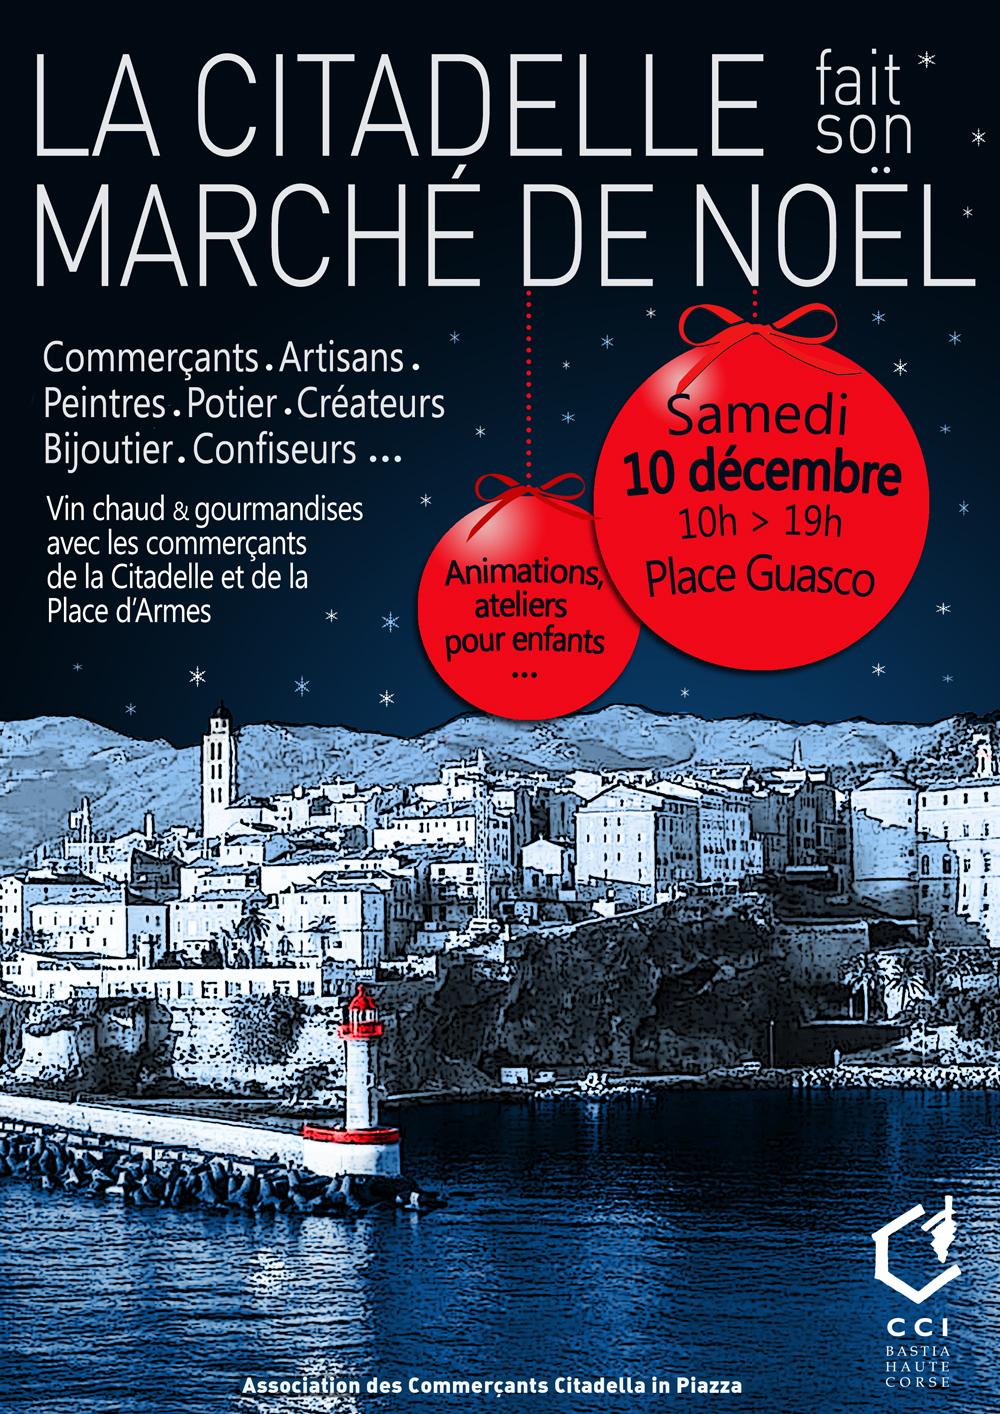 Bastia : La Citadelle fait son marché de Noël